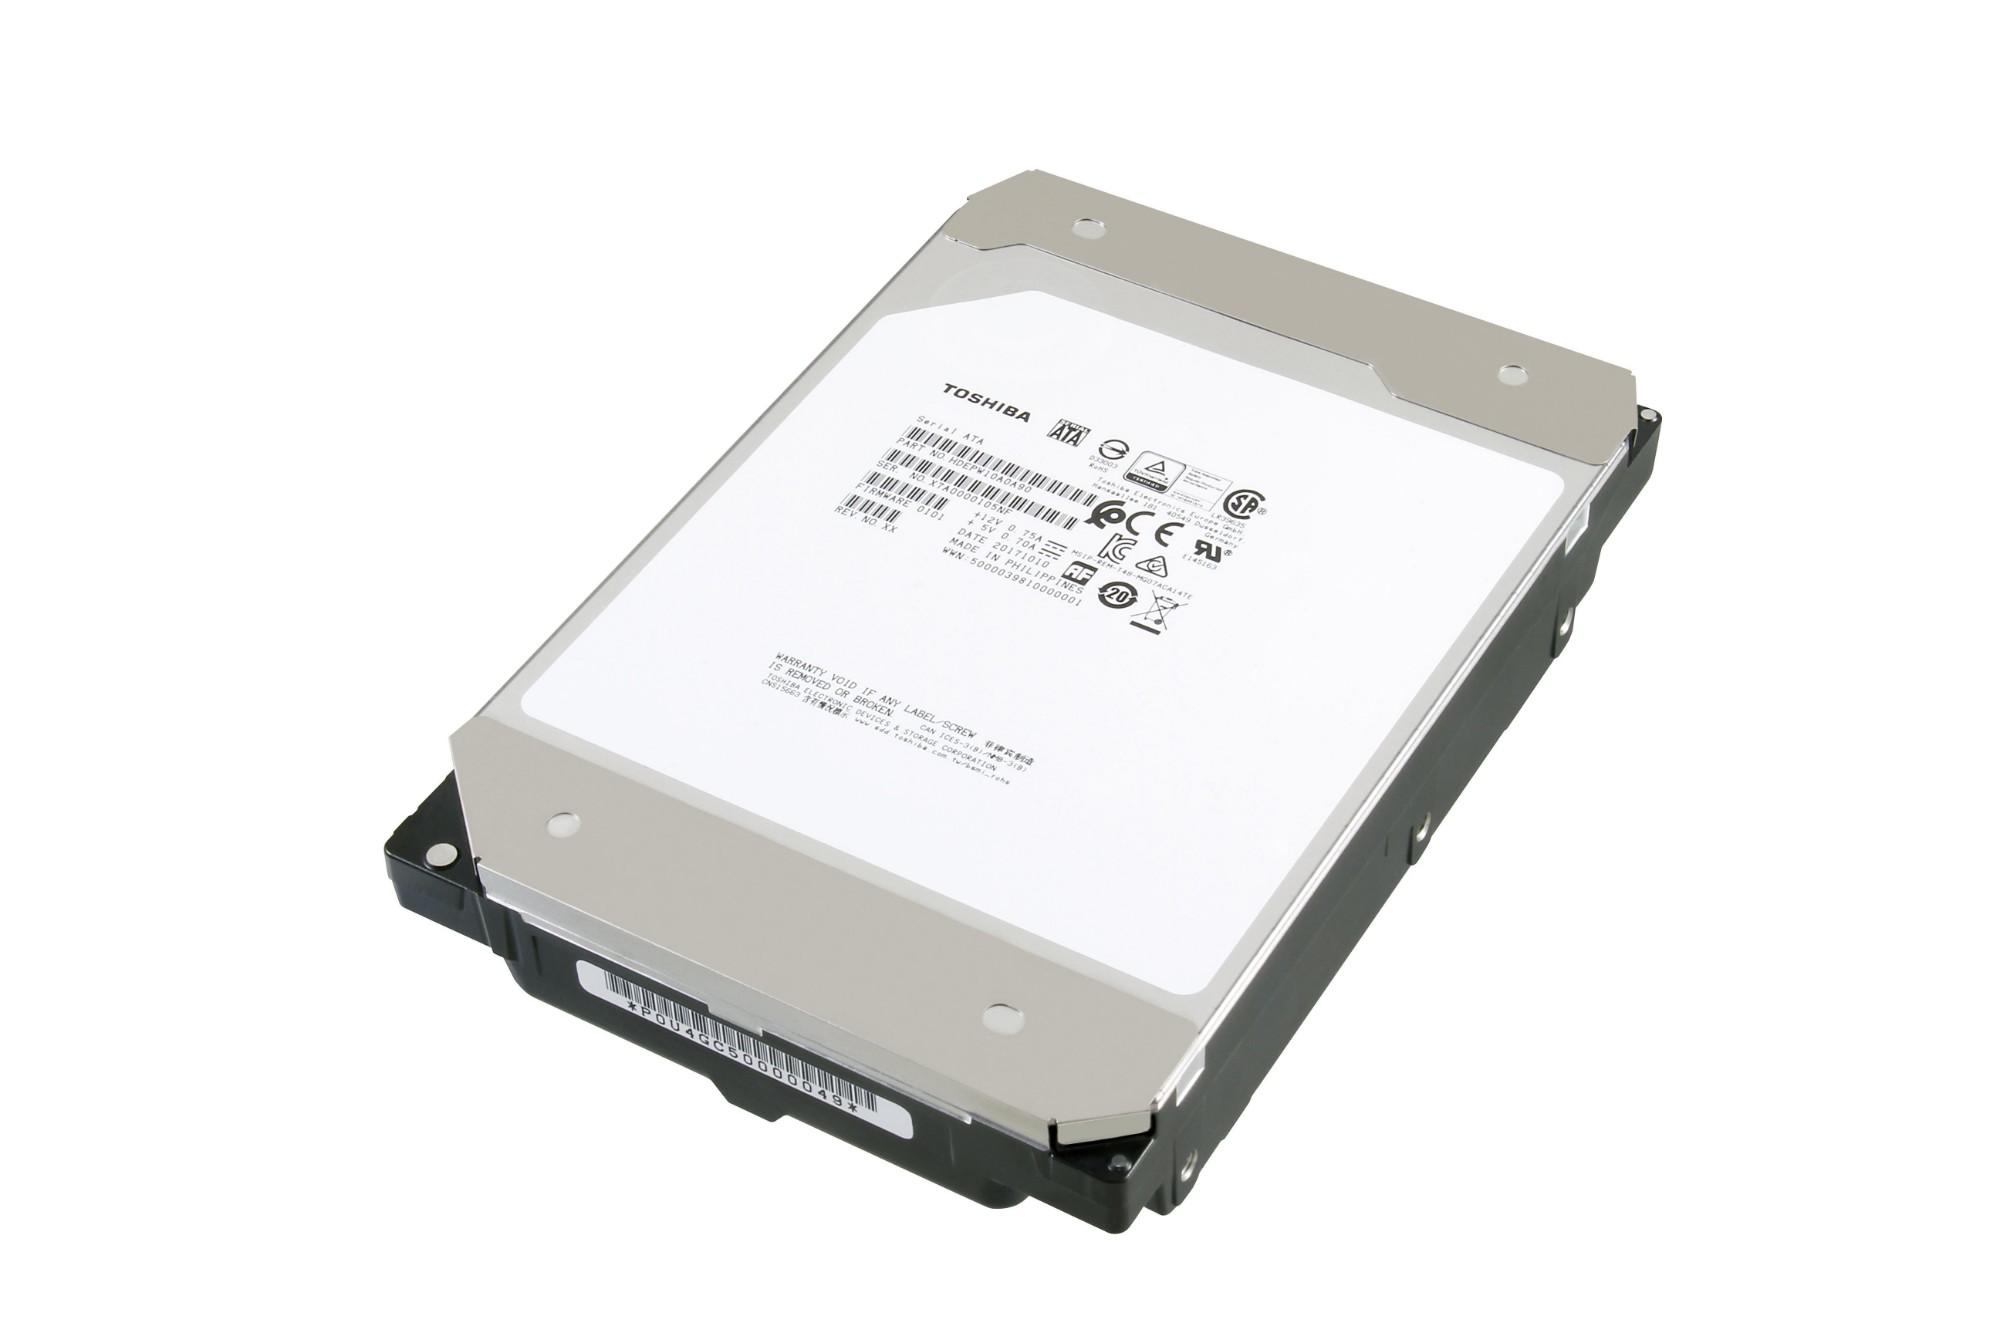 Hard Drive Nearline He 14TB SATA 6gb/s 3.5in 7200rpm 128MB 512e